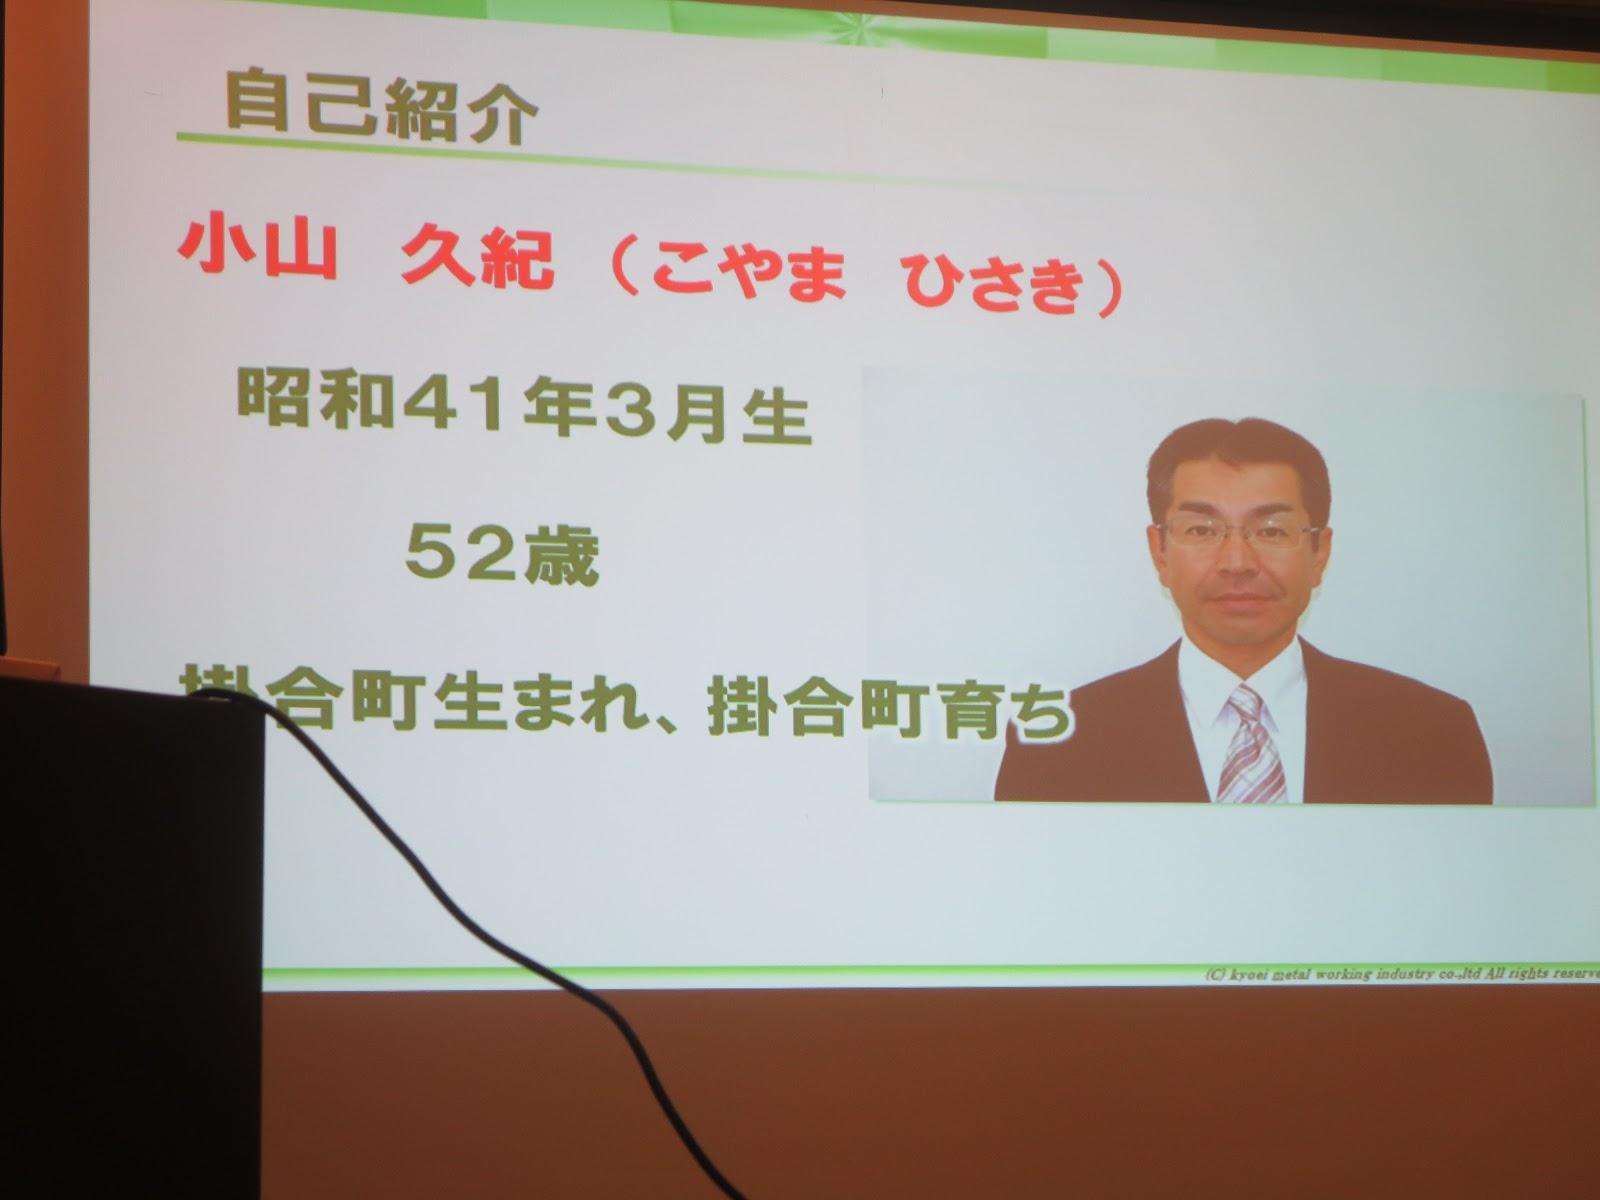 おばまブログ ~わたしの想い~: 小山久紀氏の講演!!(知新会)